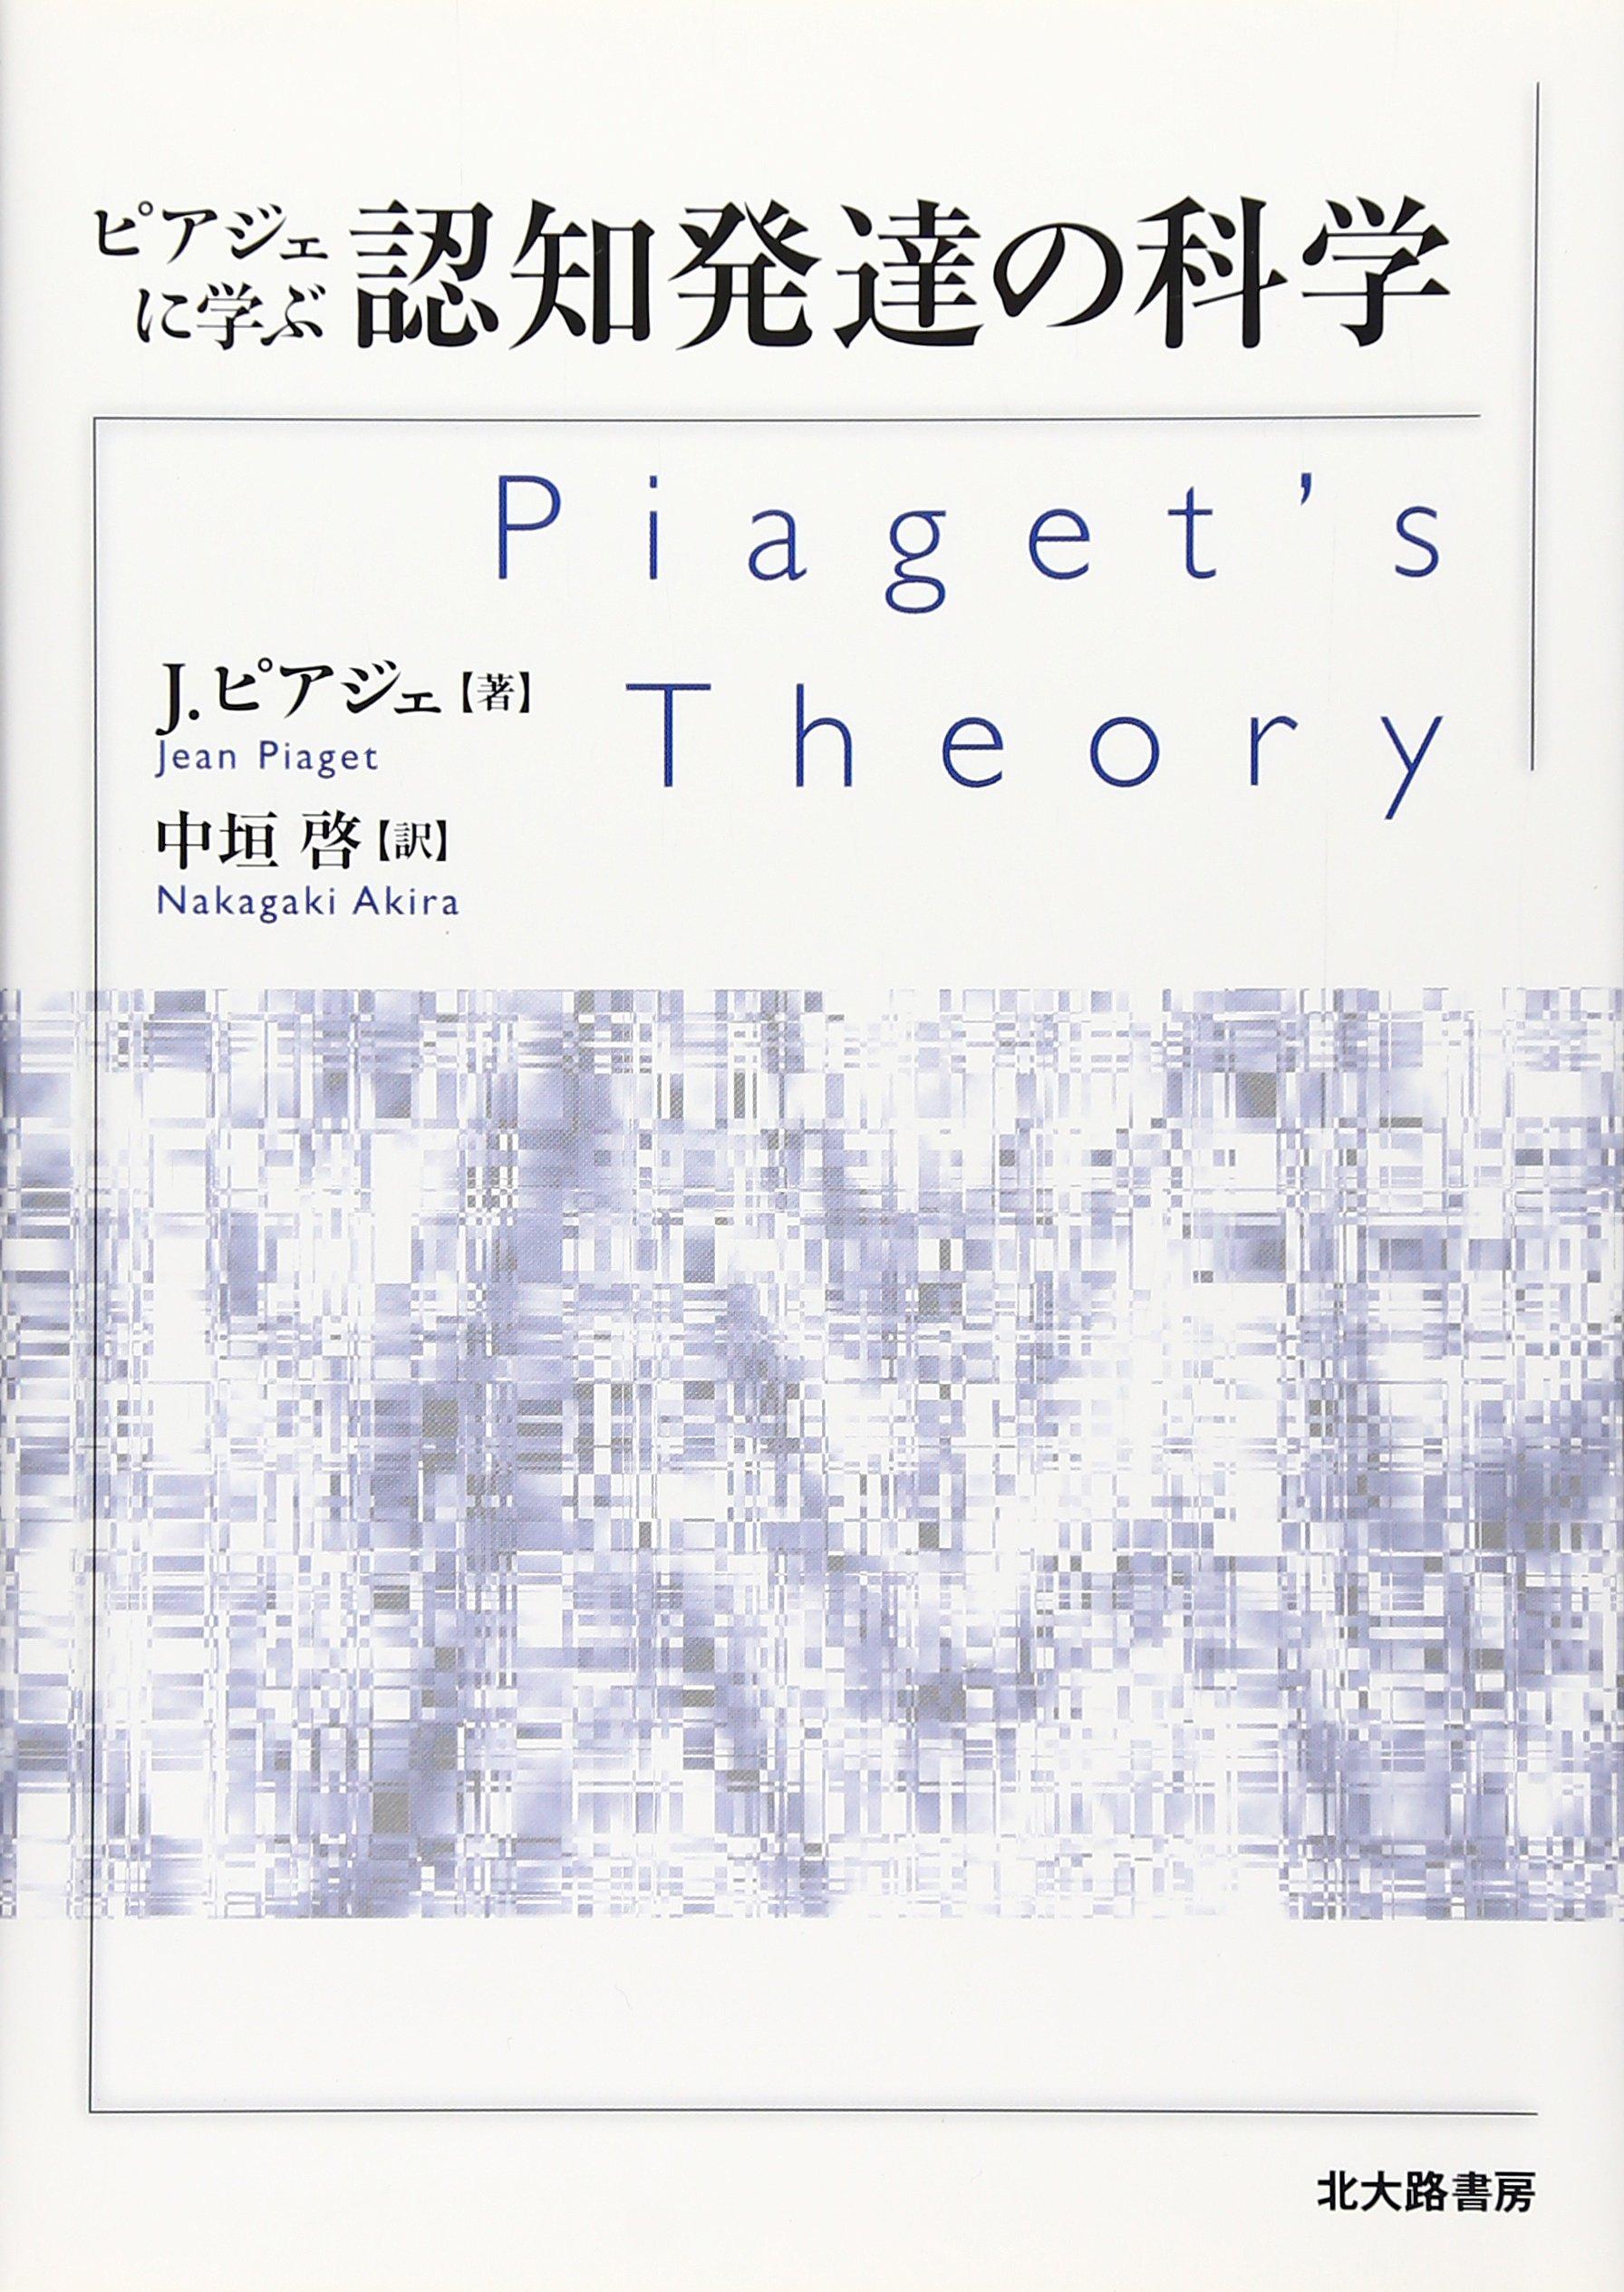 ピアジェに学ぶ認知発達の科学 J ピアジェ Piaget Jean 啓 中垣 本 通販 Amazon